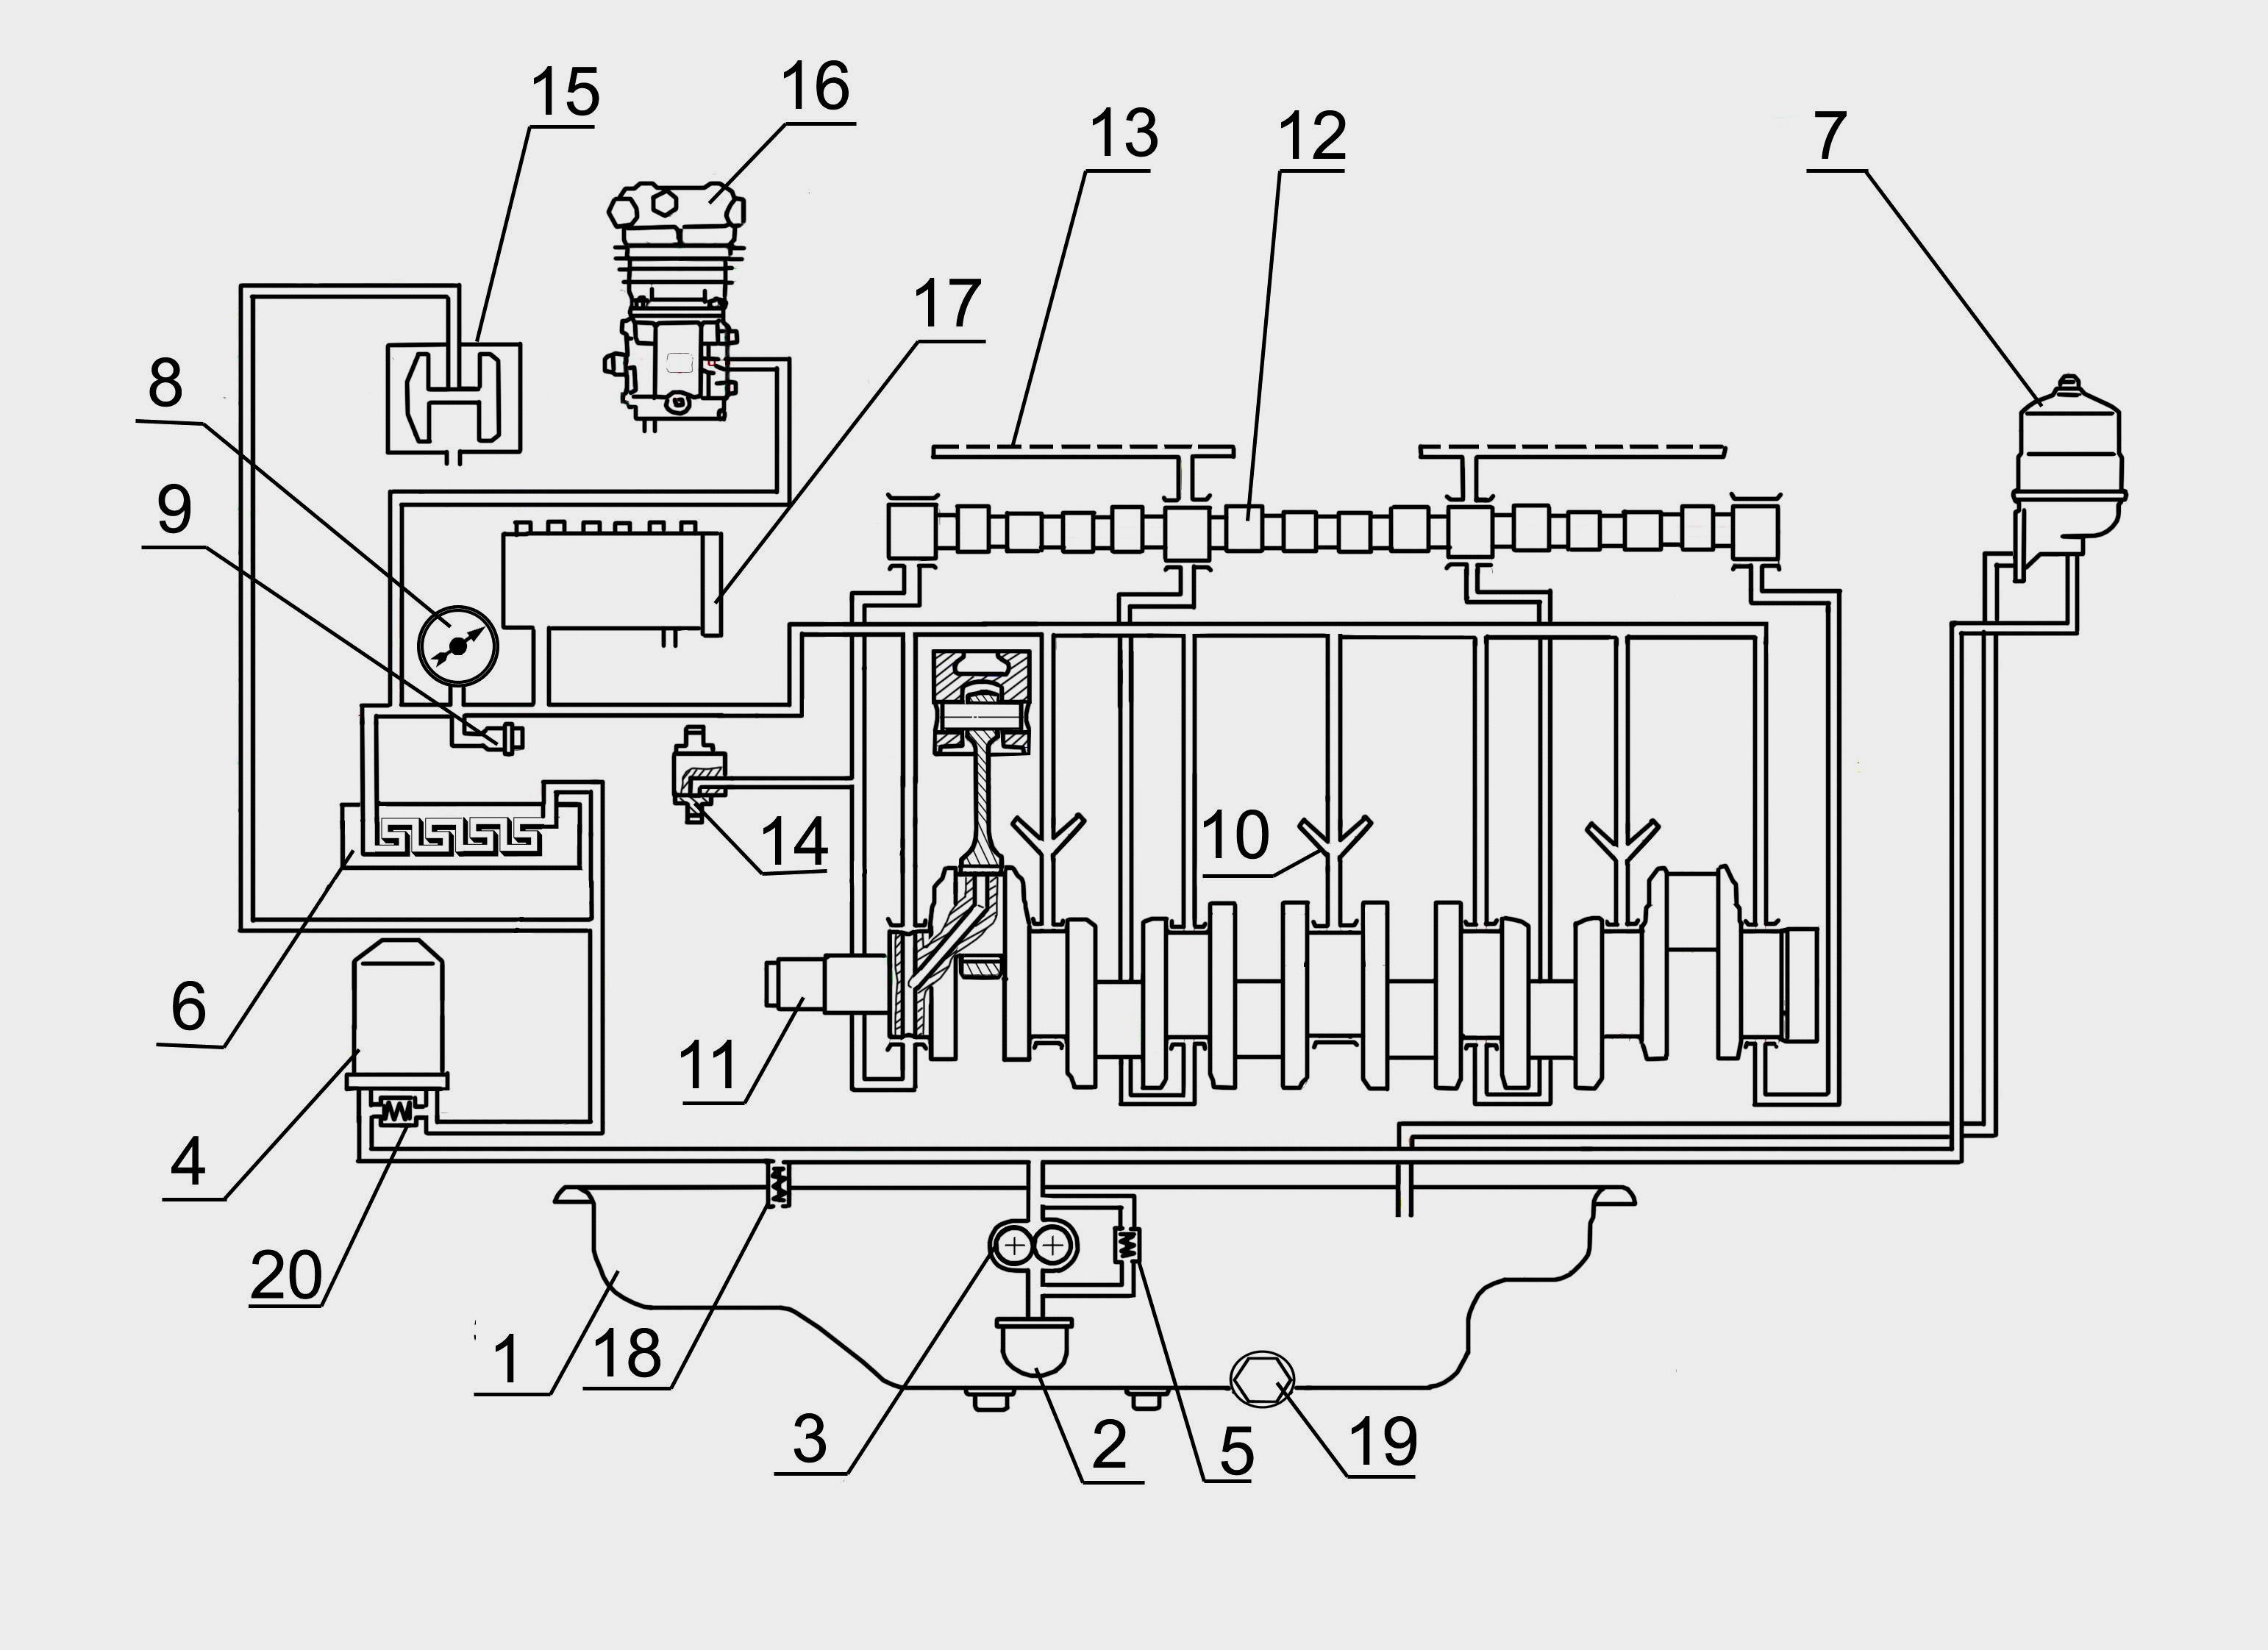 Схема системы смазки двигателя змз-53 кулибинск клуб.